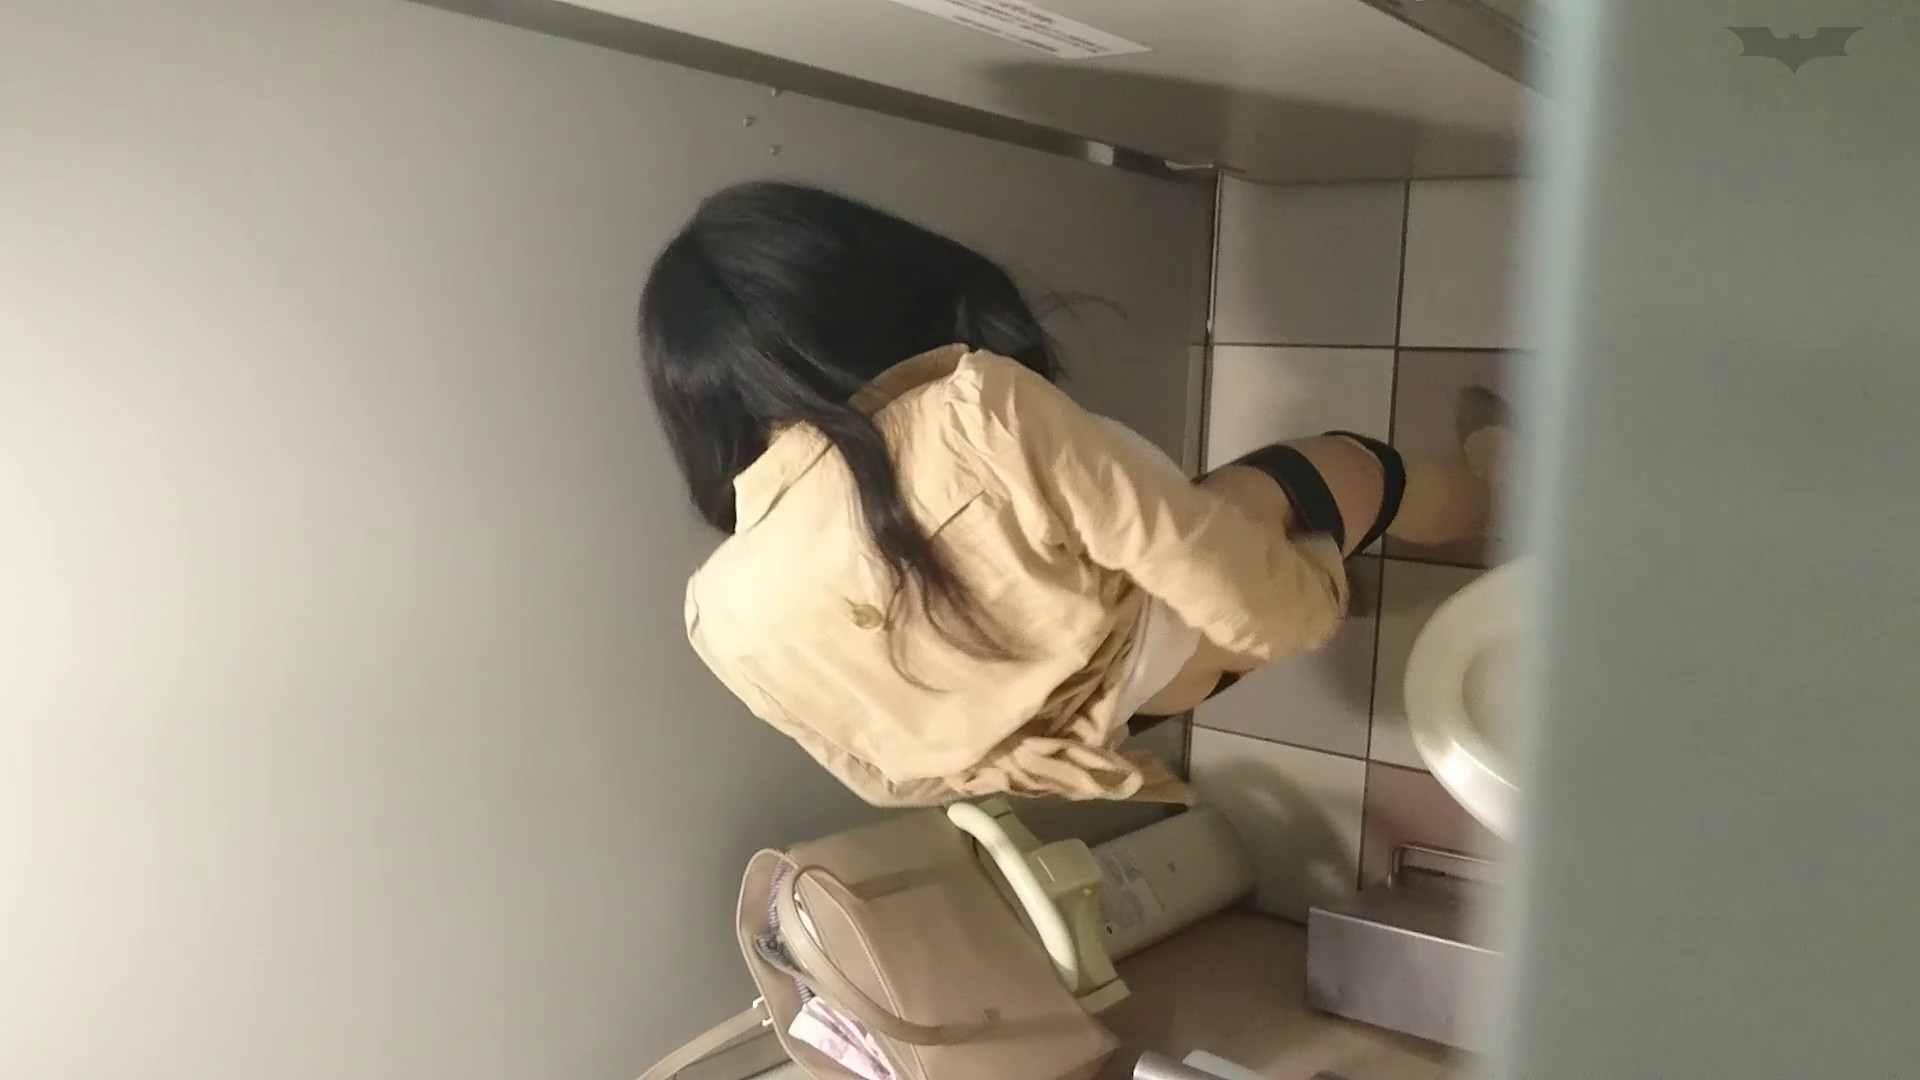 化粧室絵巻 ショッピングモール編 VOL.19 盛合せ スケベ動画紹介 78枚 26